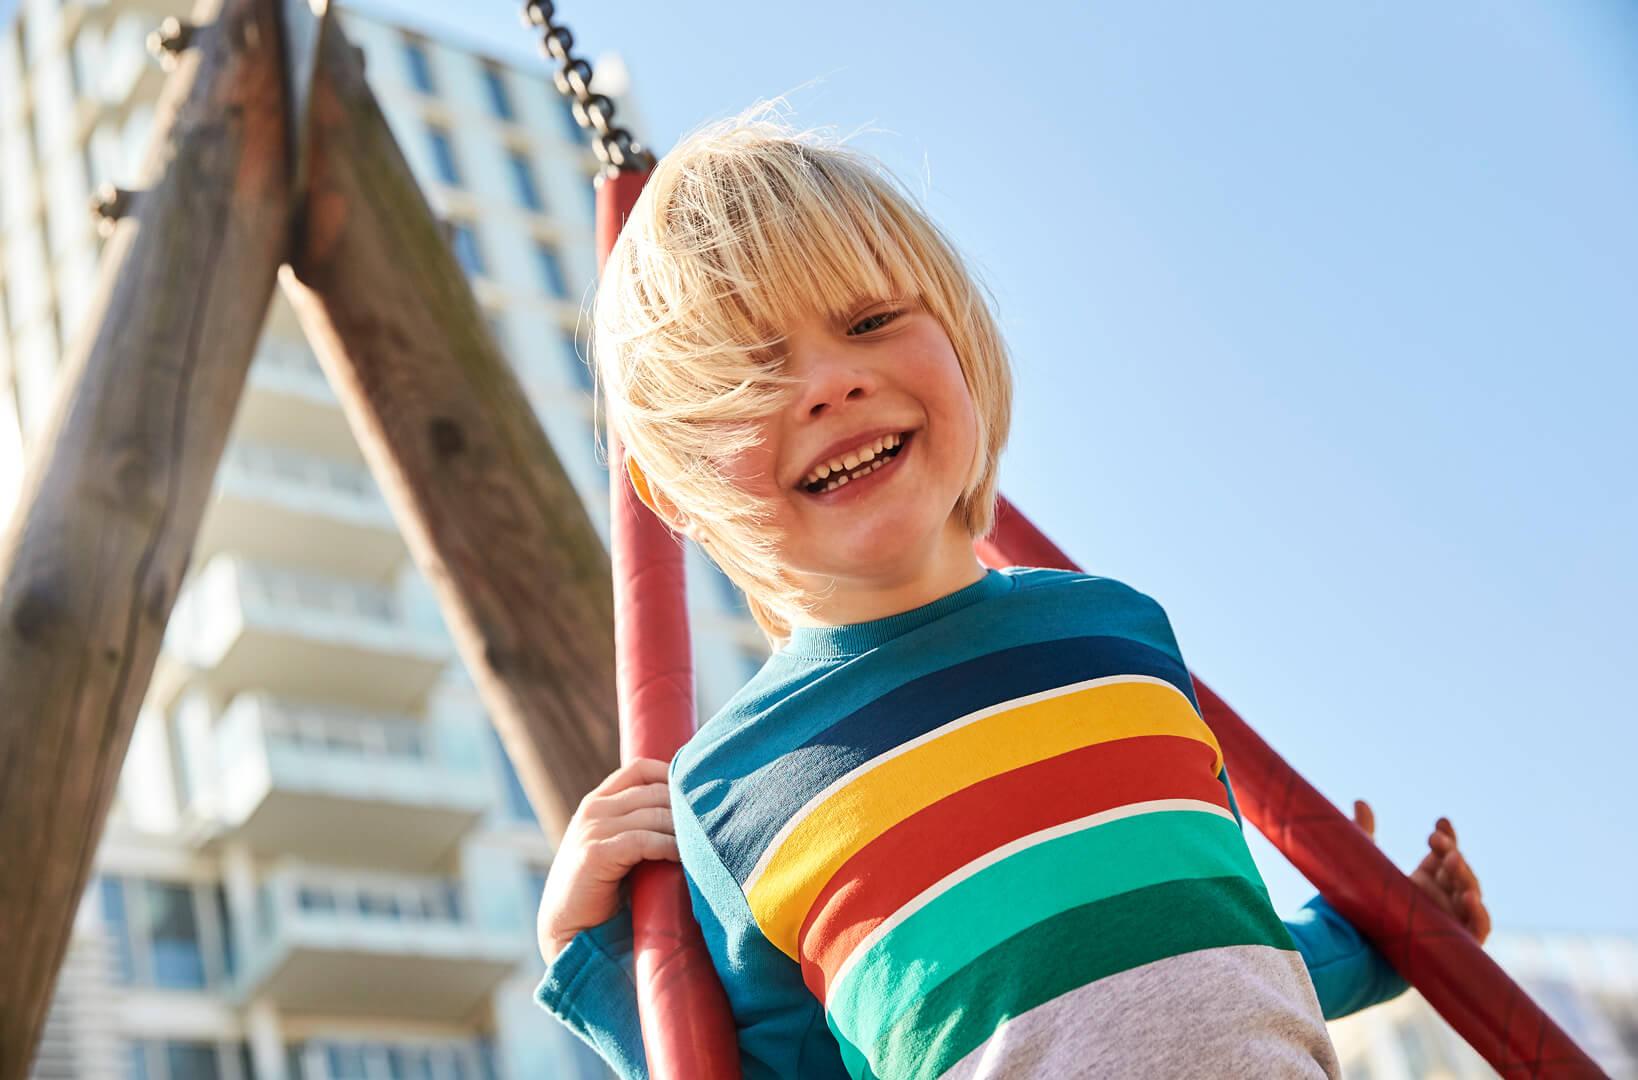 Junge spielt draußen auf der Schaukel